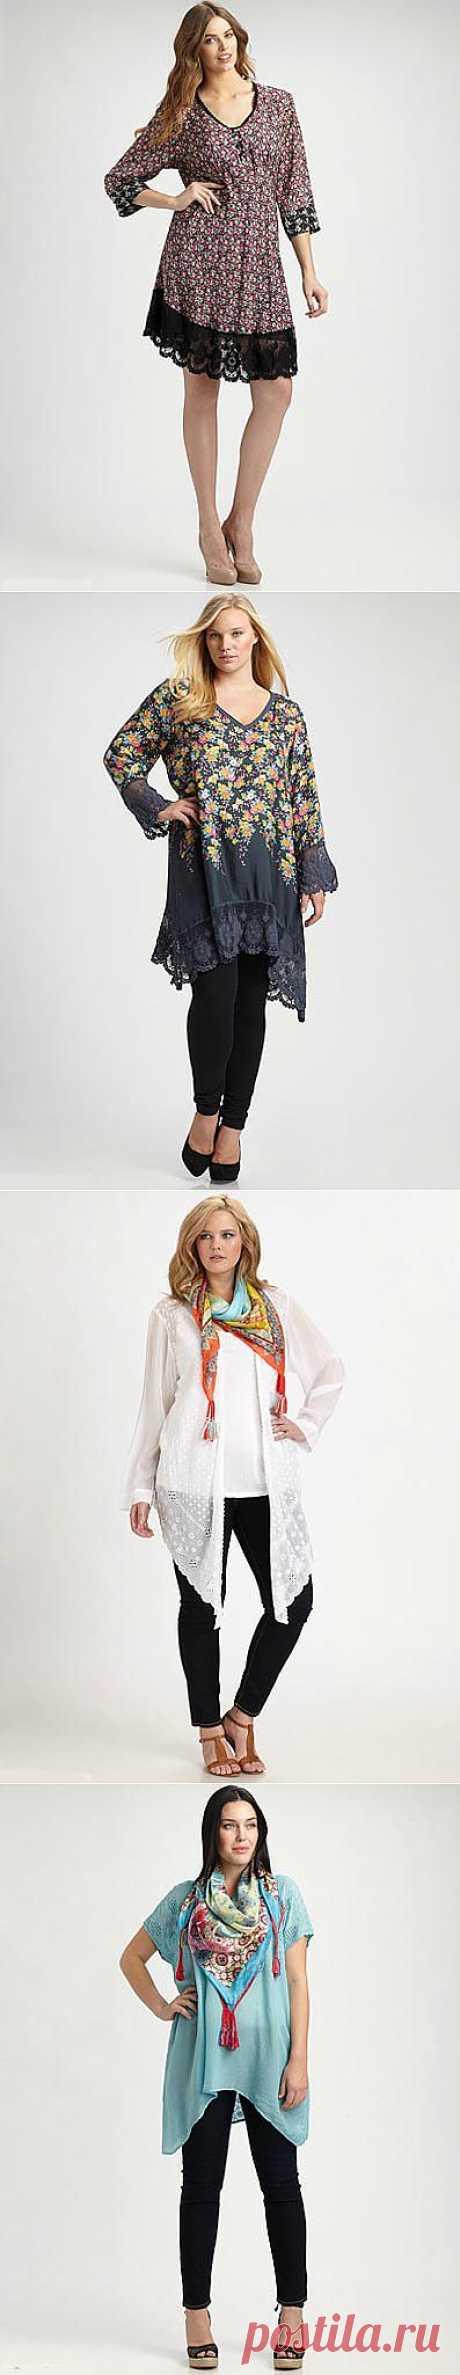 Коллекция одежды в стиле бохо-шик для полных модниц от Johnny Was. Весна-лето 2012 - Полная модница